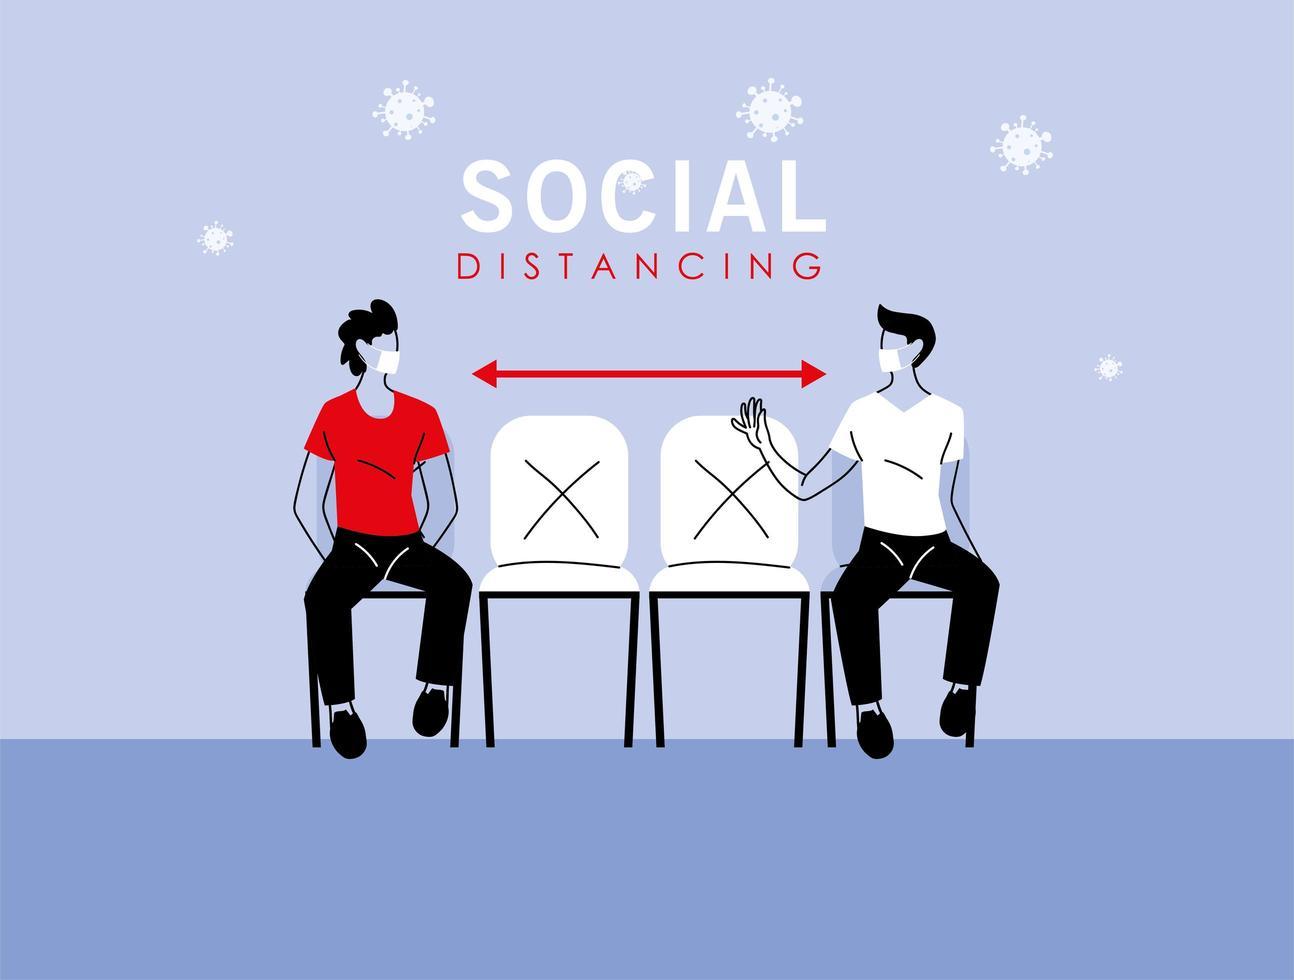 sociaal afstand nemen tussen mannen met maskers op stoelen vector